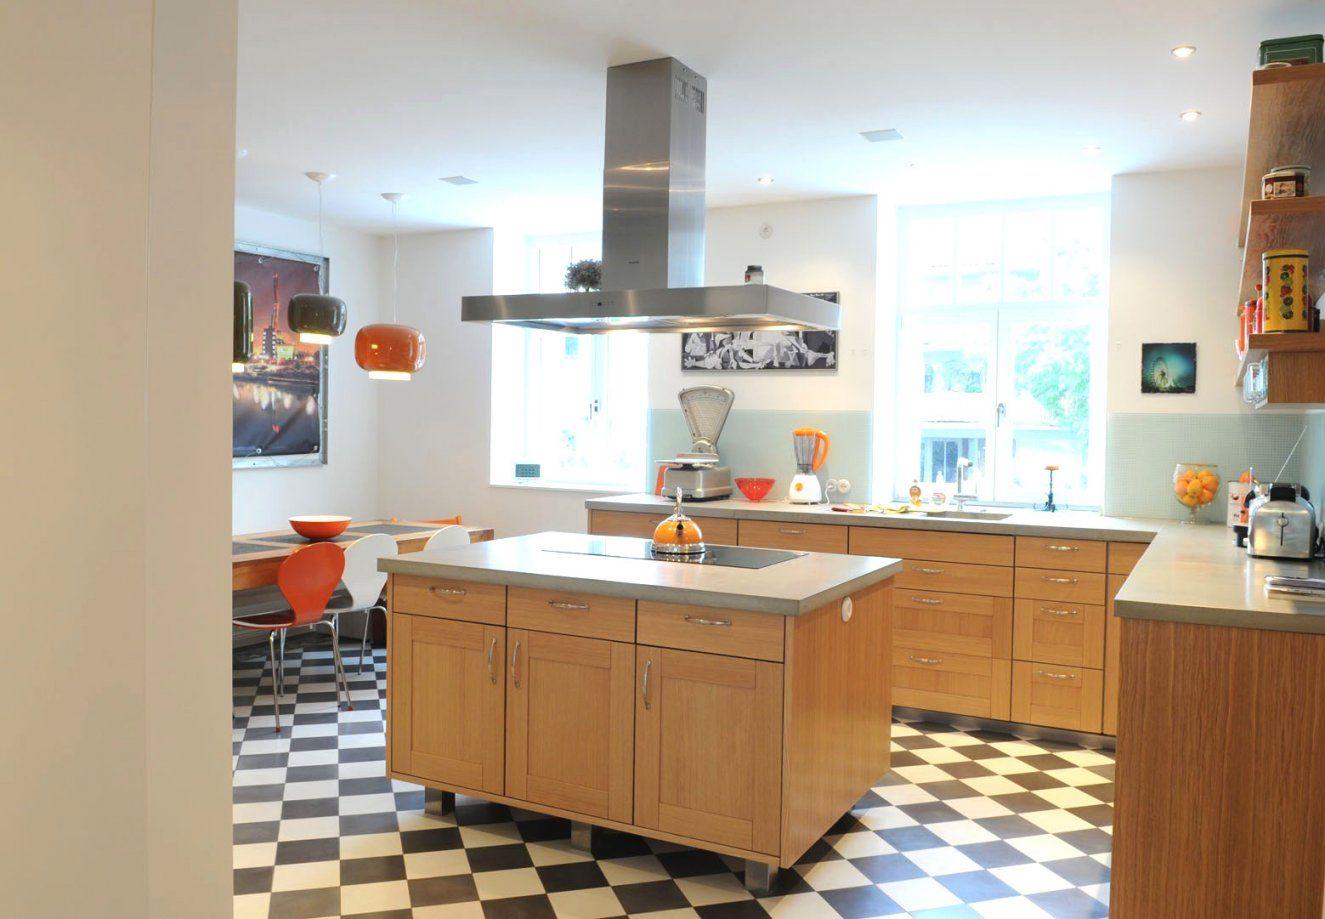 Fantastische Inspiration Moderne Küchen Schöner Wohnen Und Angenehme von Moderne Küchen Schöner Wohnen Photo